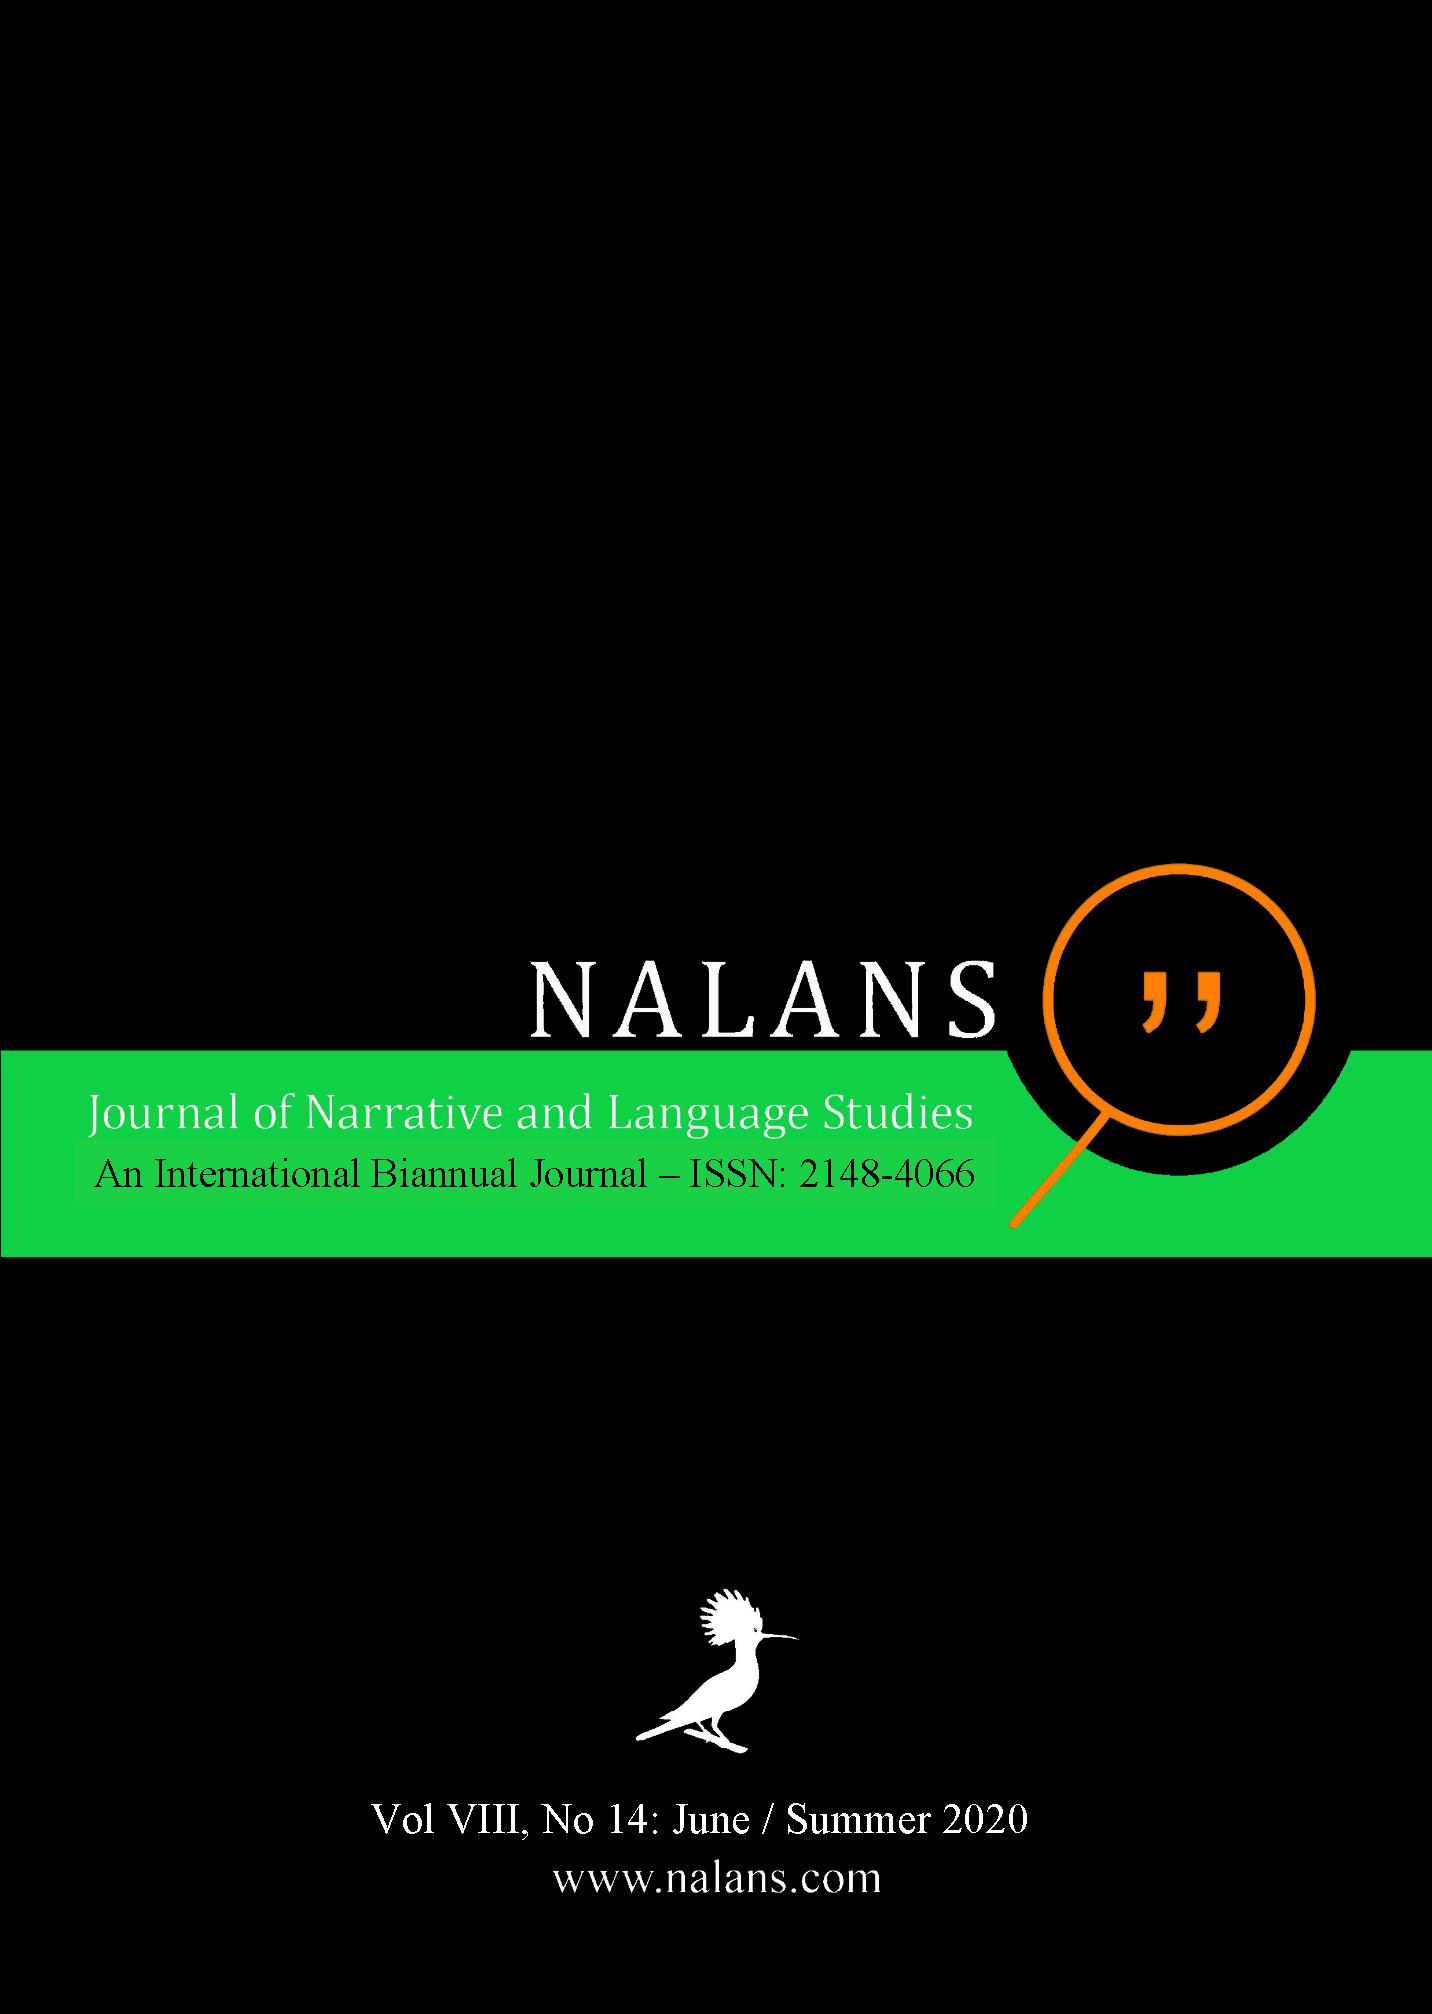 Journal of Narrative and Language Studies (NALANS)